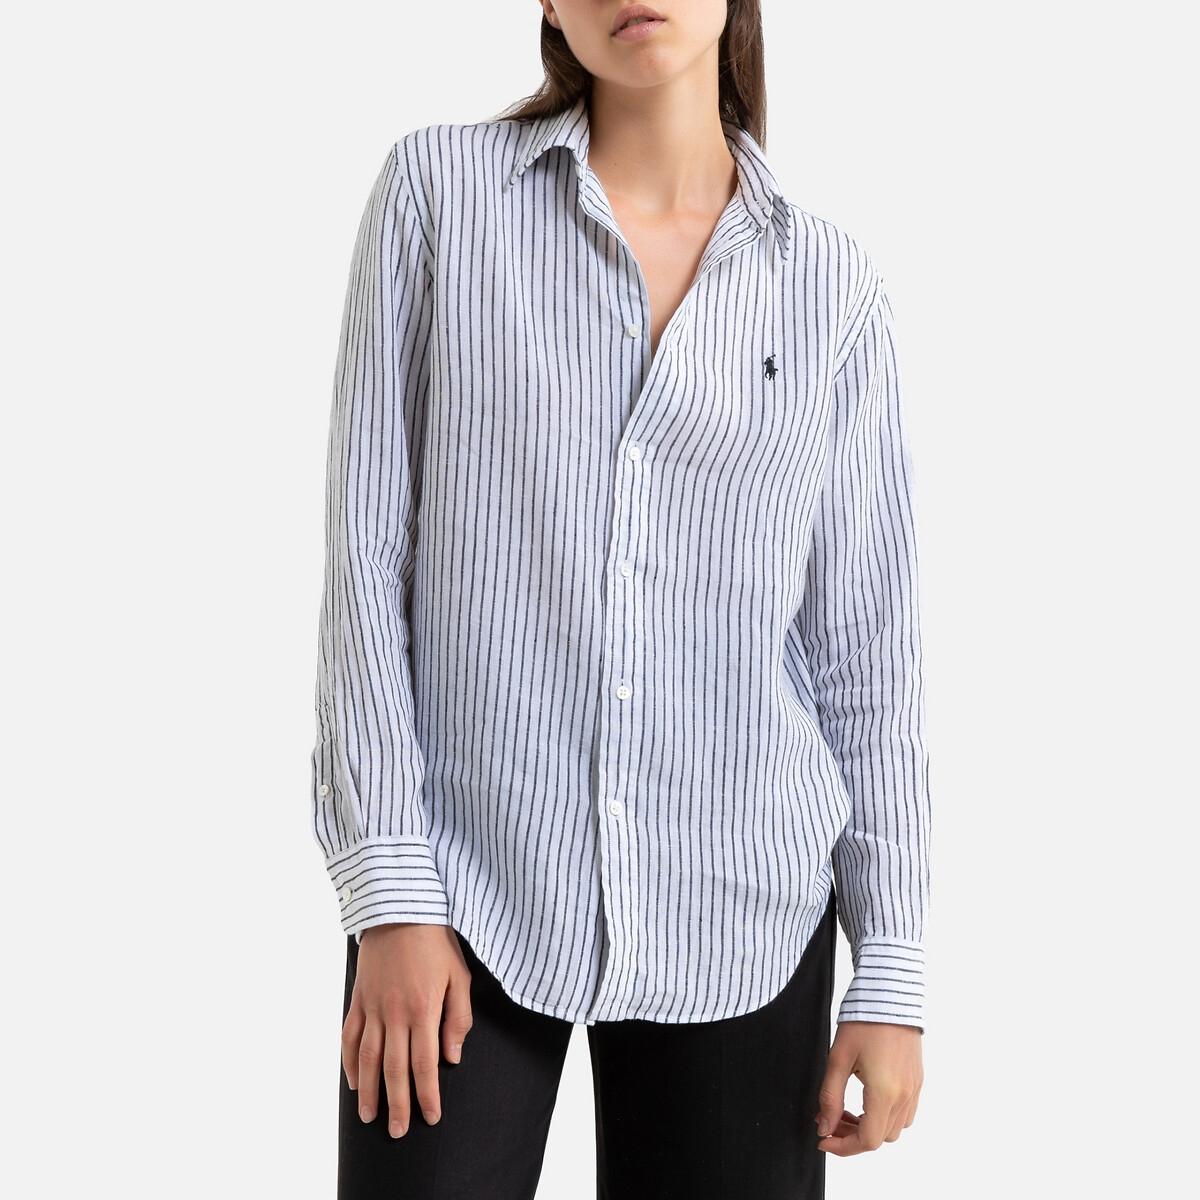 Рубашка La Redoute Из льна в полоску с длинными рукавами S белый блузка в полоску из льна